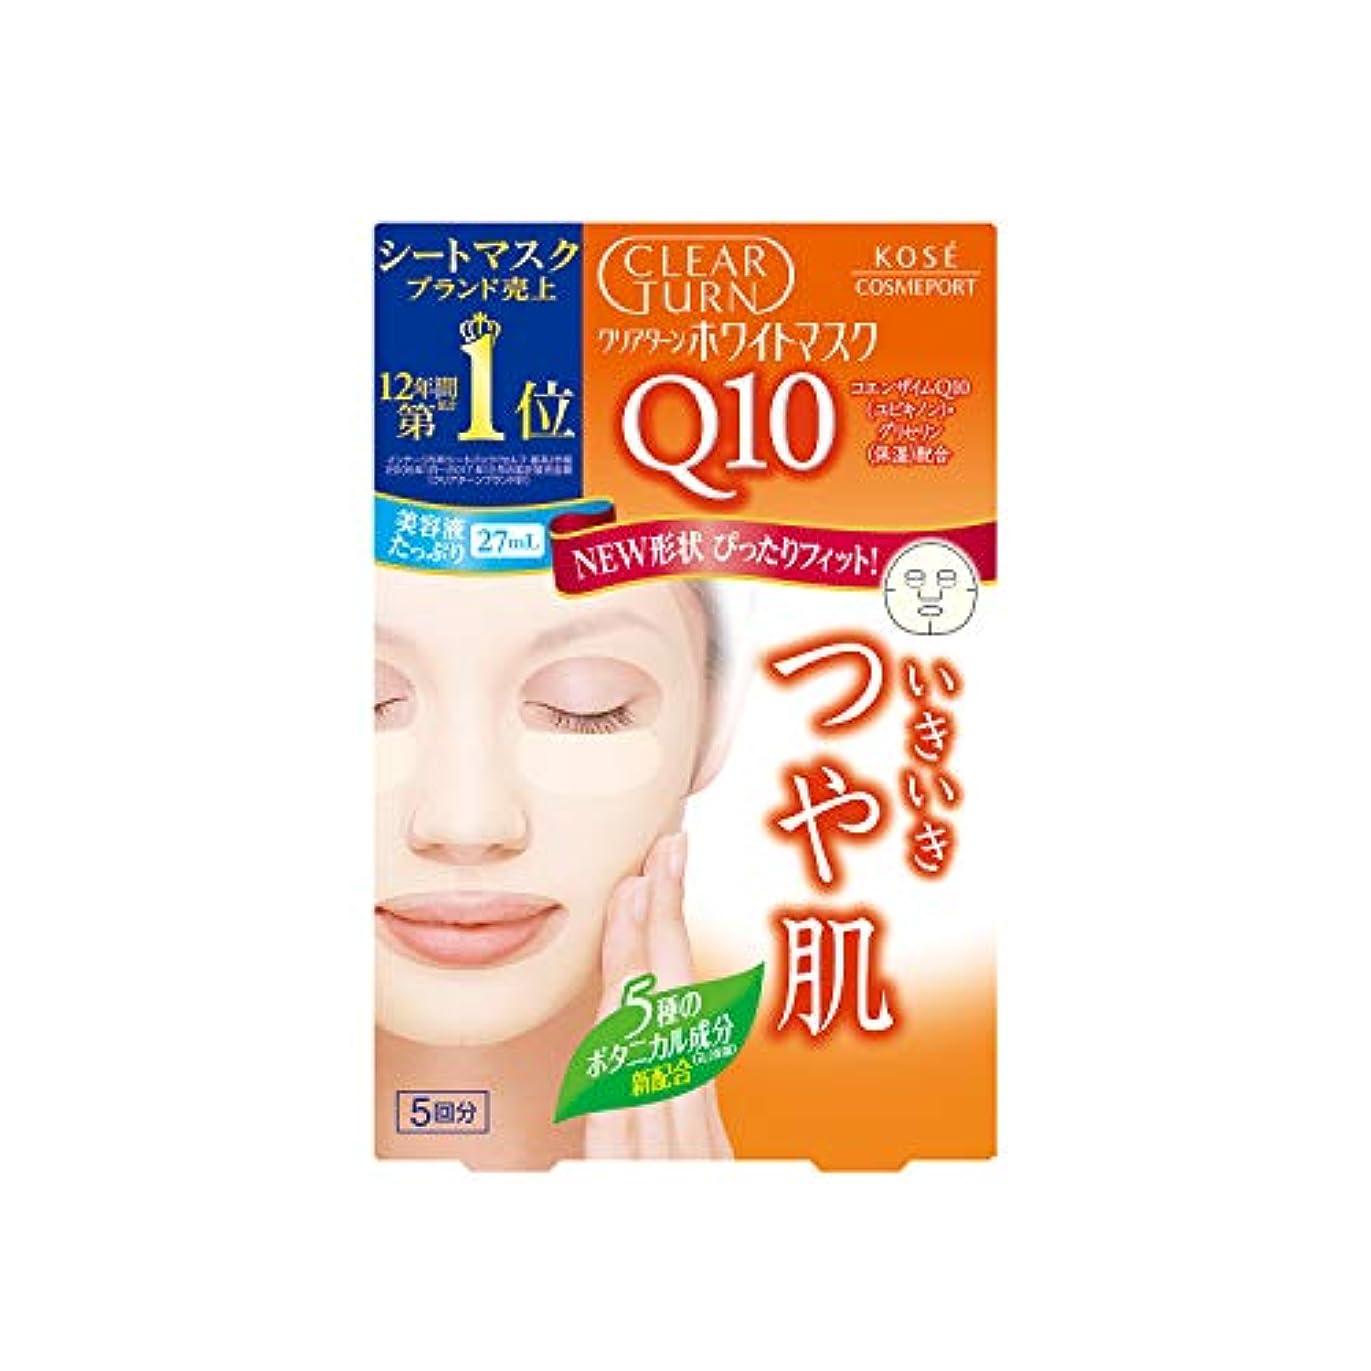 正規化気球肥満KOSE クリアターン ホワイト マスク Q10 c (コエンザイムQ10) 5回分 (22mL×5)